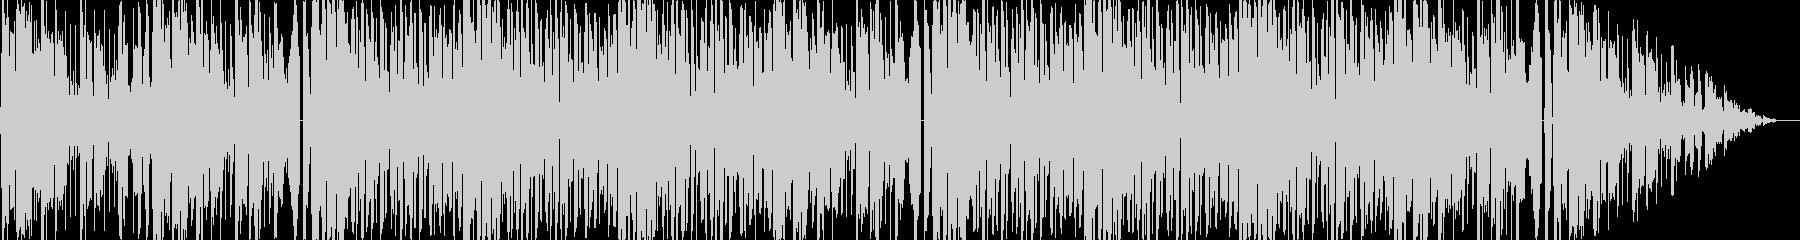 未来感のある煌びやかなエレクトロBGMの未再生の波形